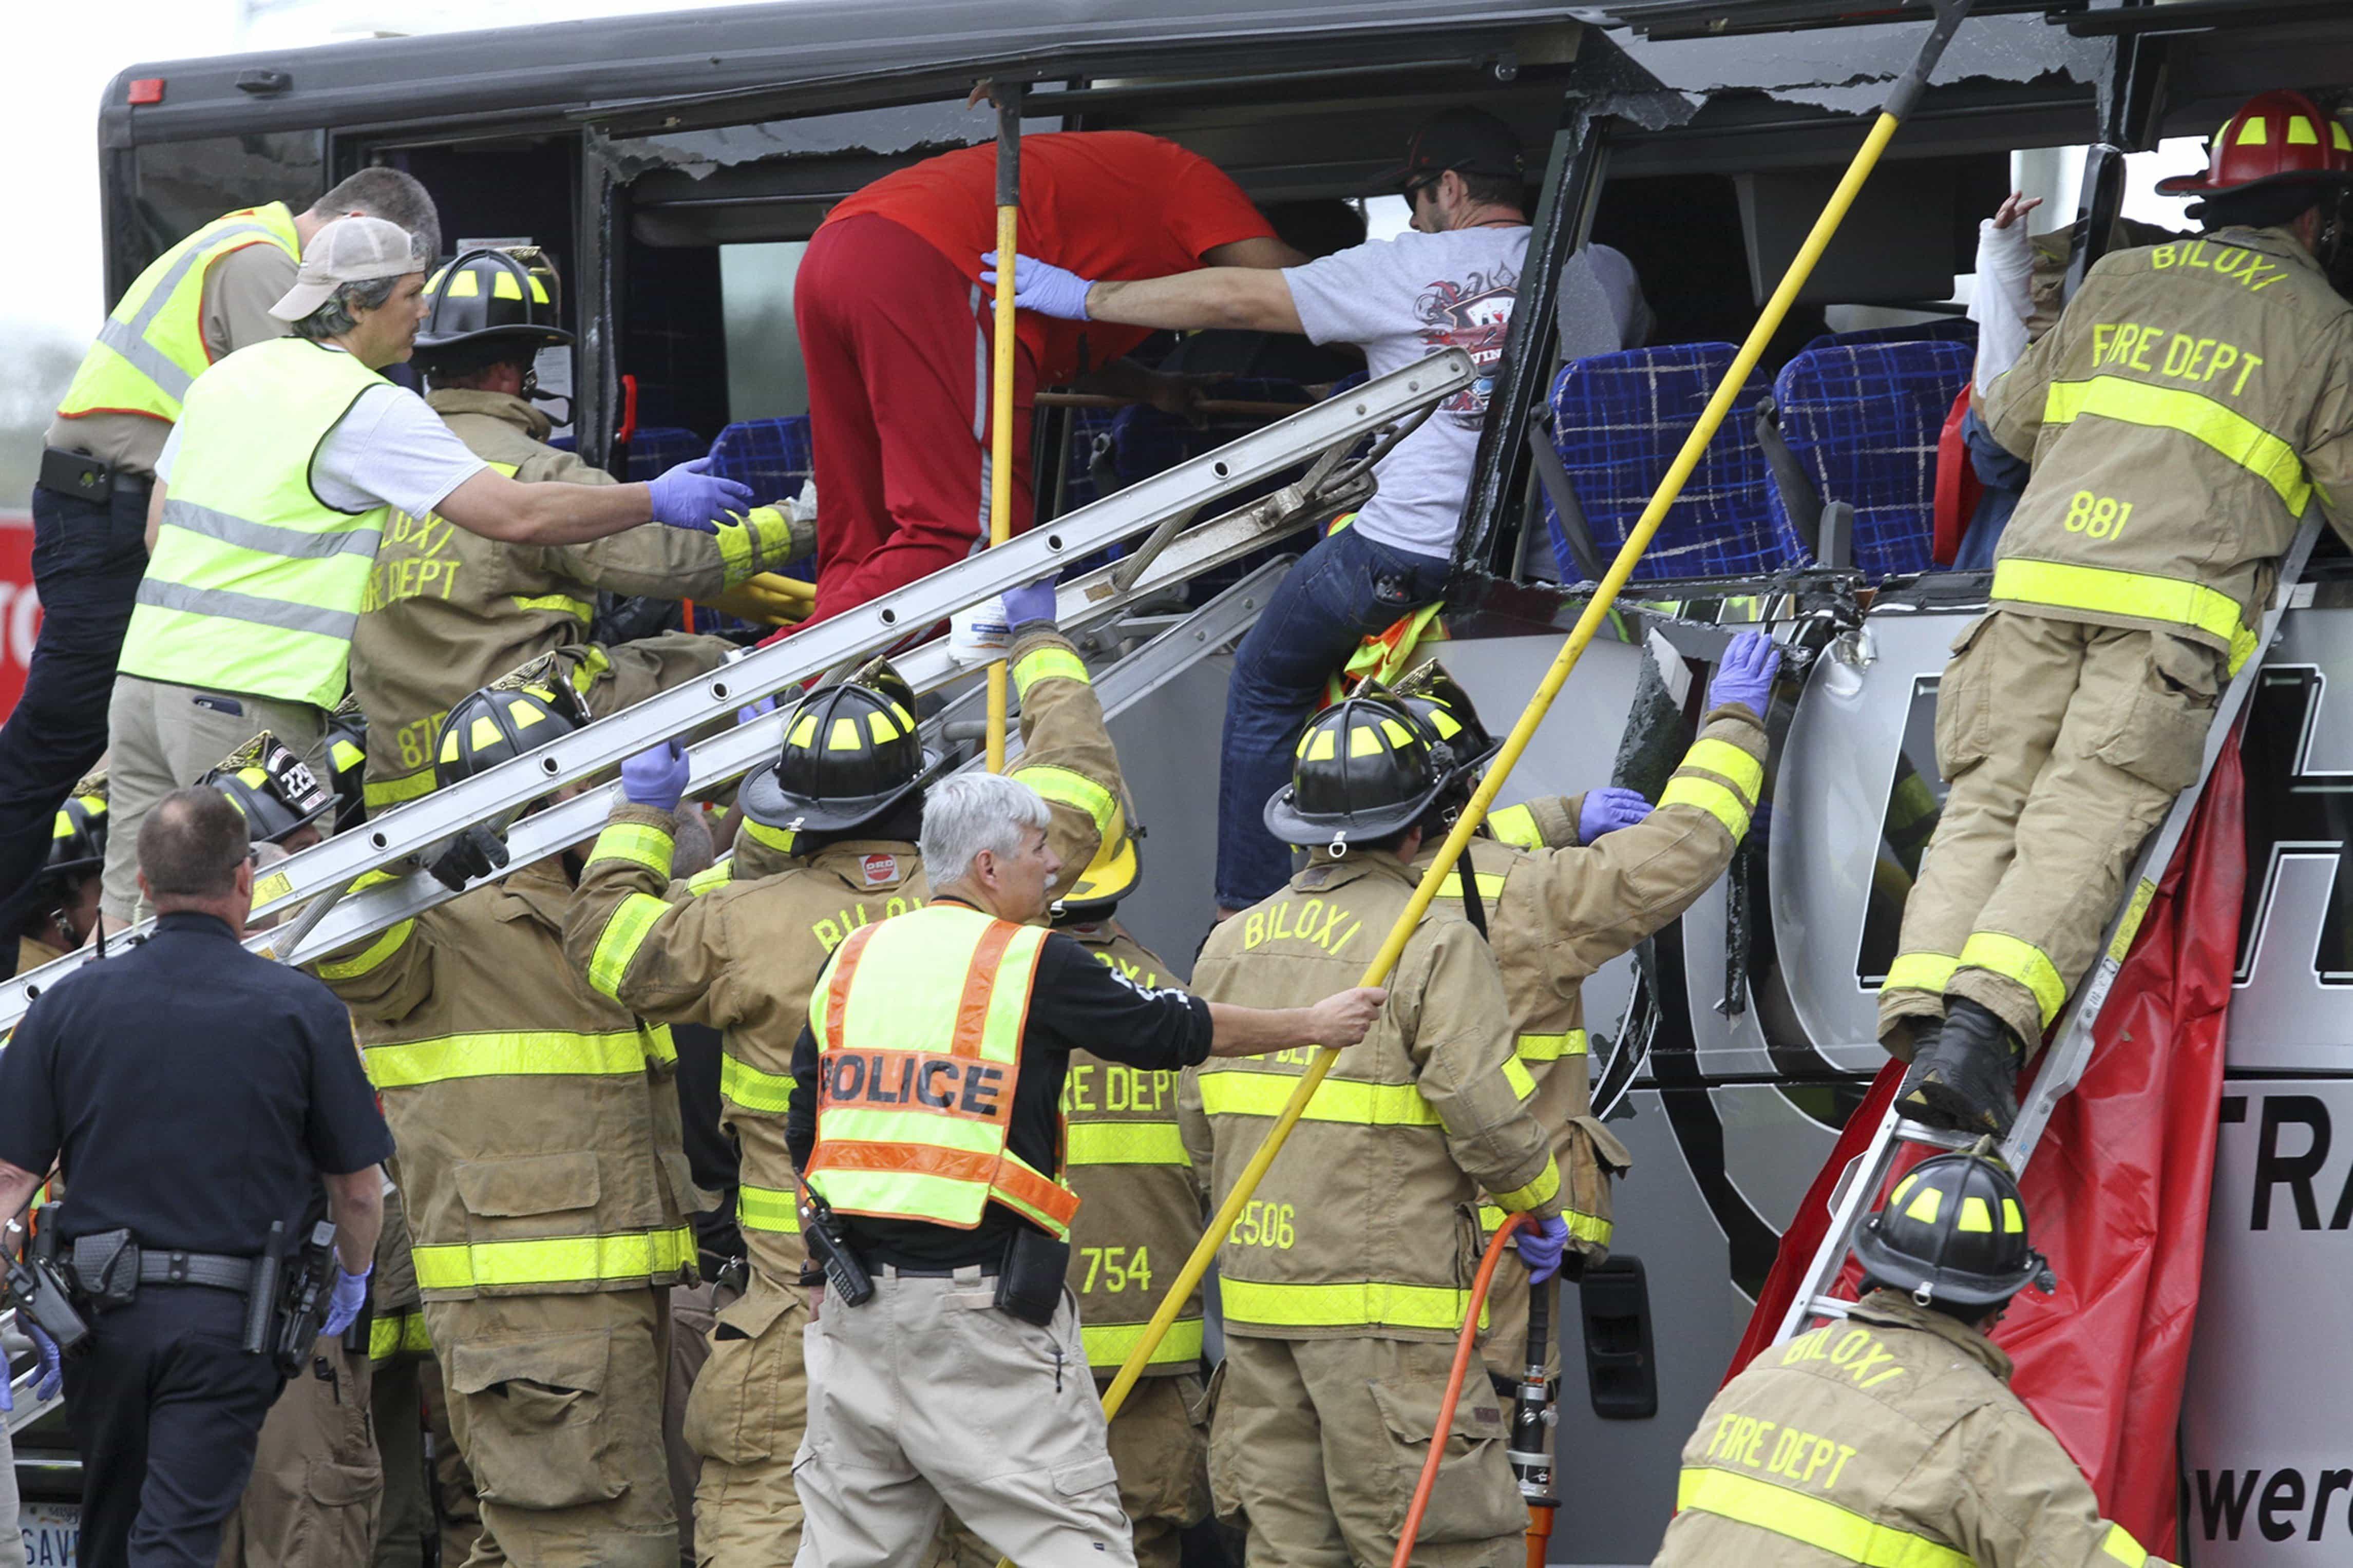 Choque de tren y autobús causa heridos y muertos